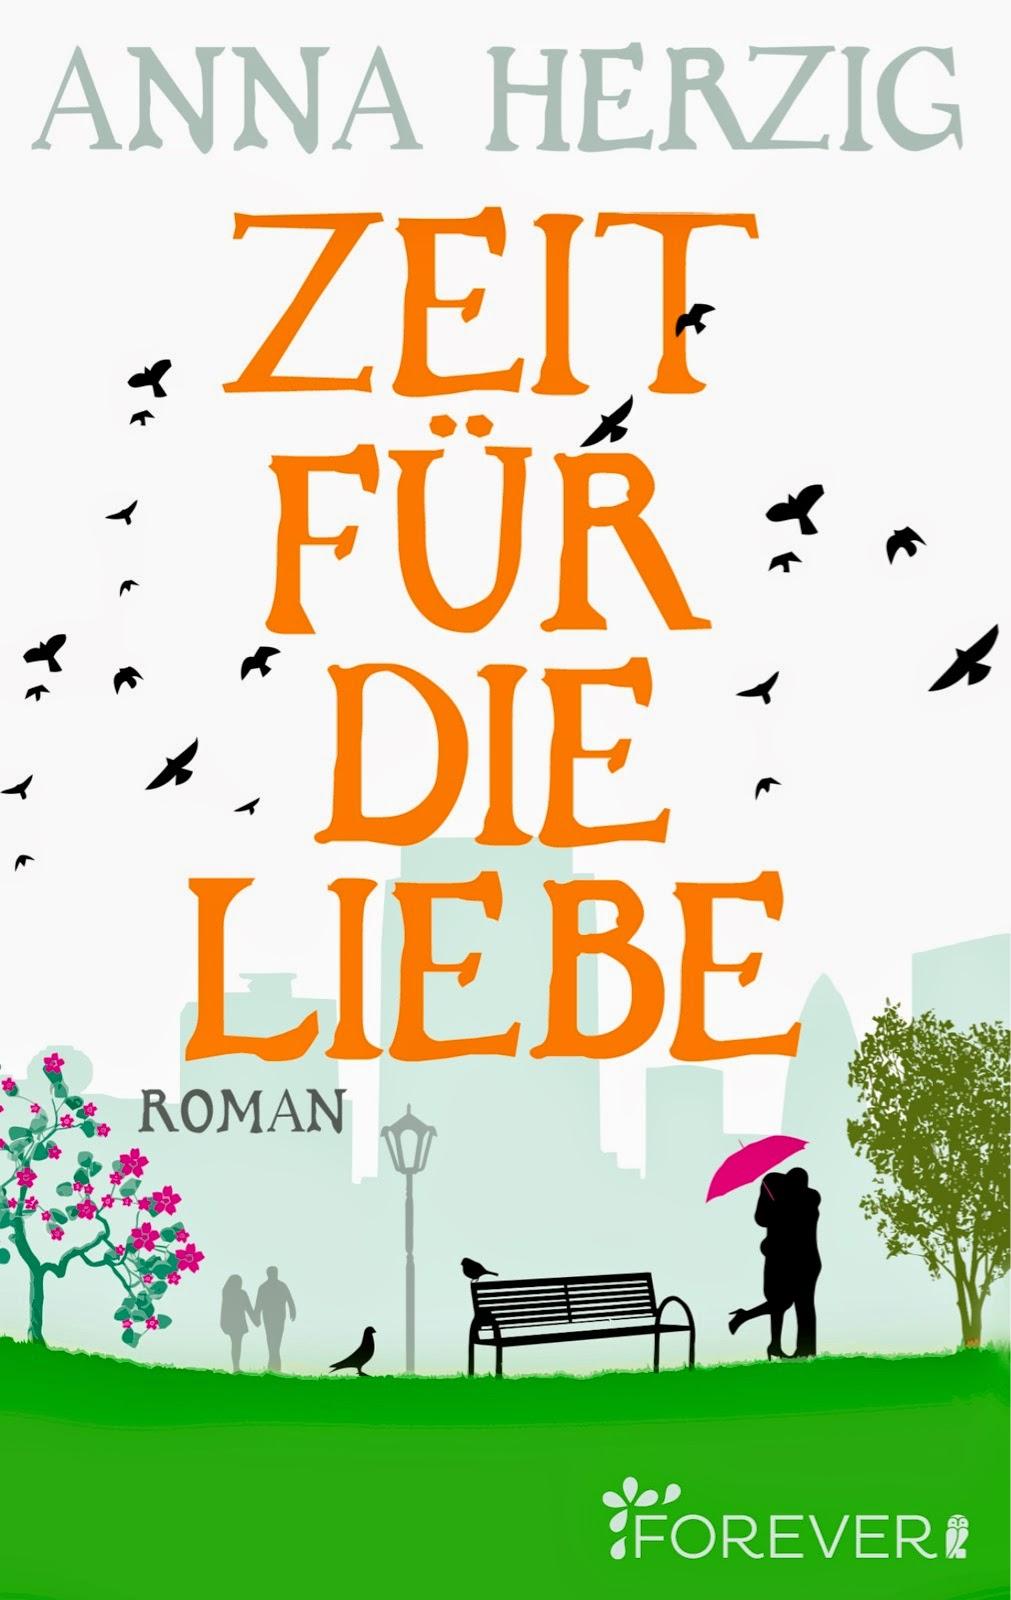 http://www.amazon.de/Zeit-f%C3%BCr-Liebe-Anna-Herzig-ebook/dp/B00N2XSP5E/ref=sr_1_1?ie=UTF8&qid=1409401804&sr=8-1&keywords=zeit+f%C3%BCr+die+liebe